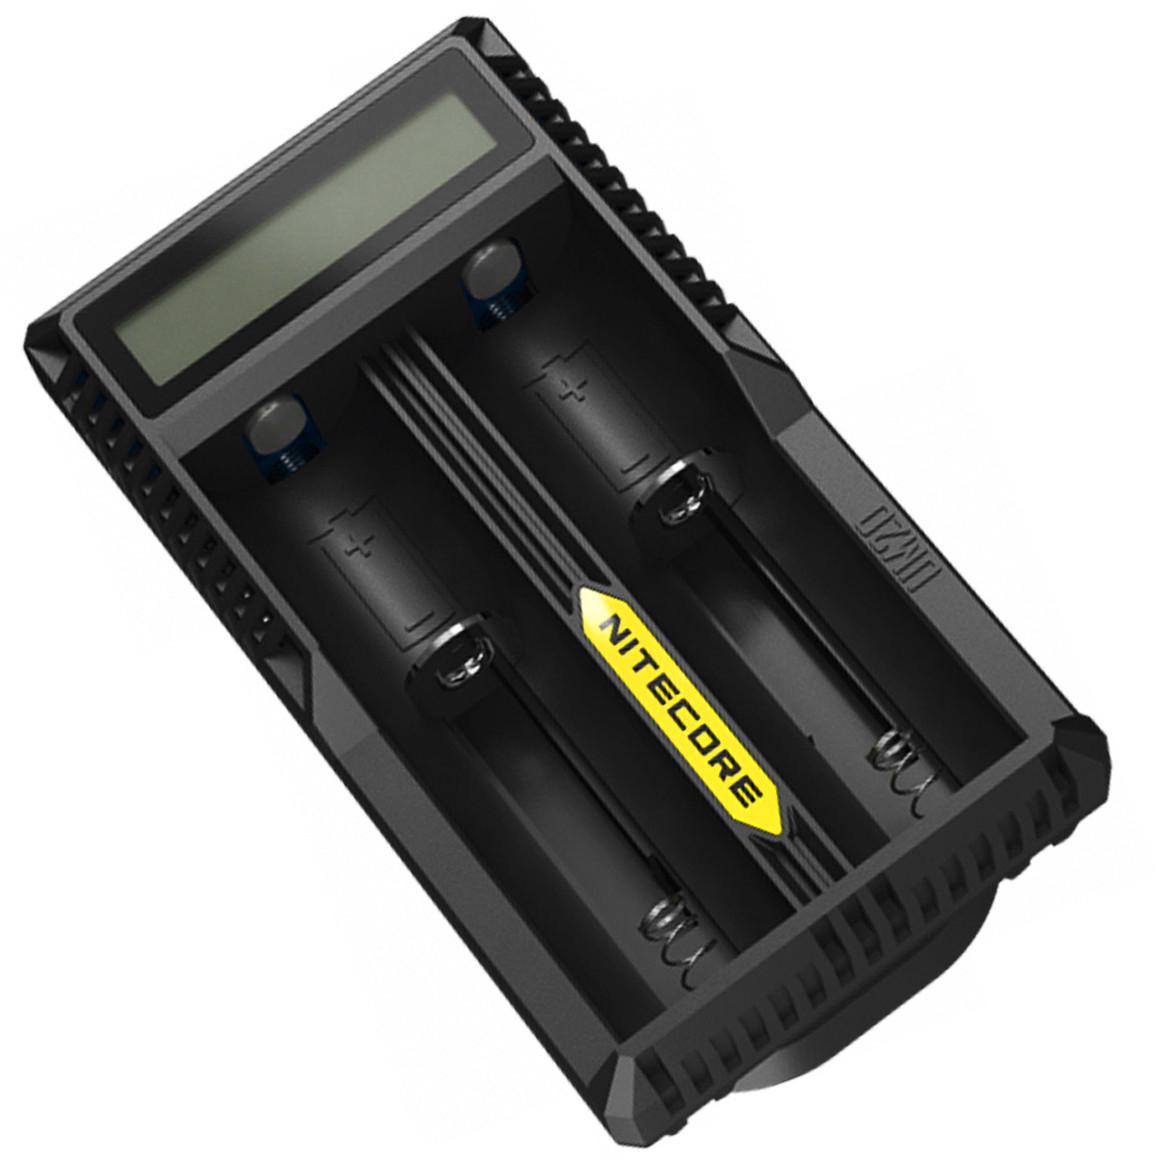 Зарядное устройство для аккумуляторов Nitecore UM20 (LED)